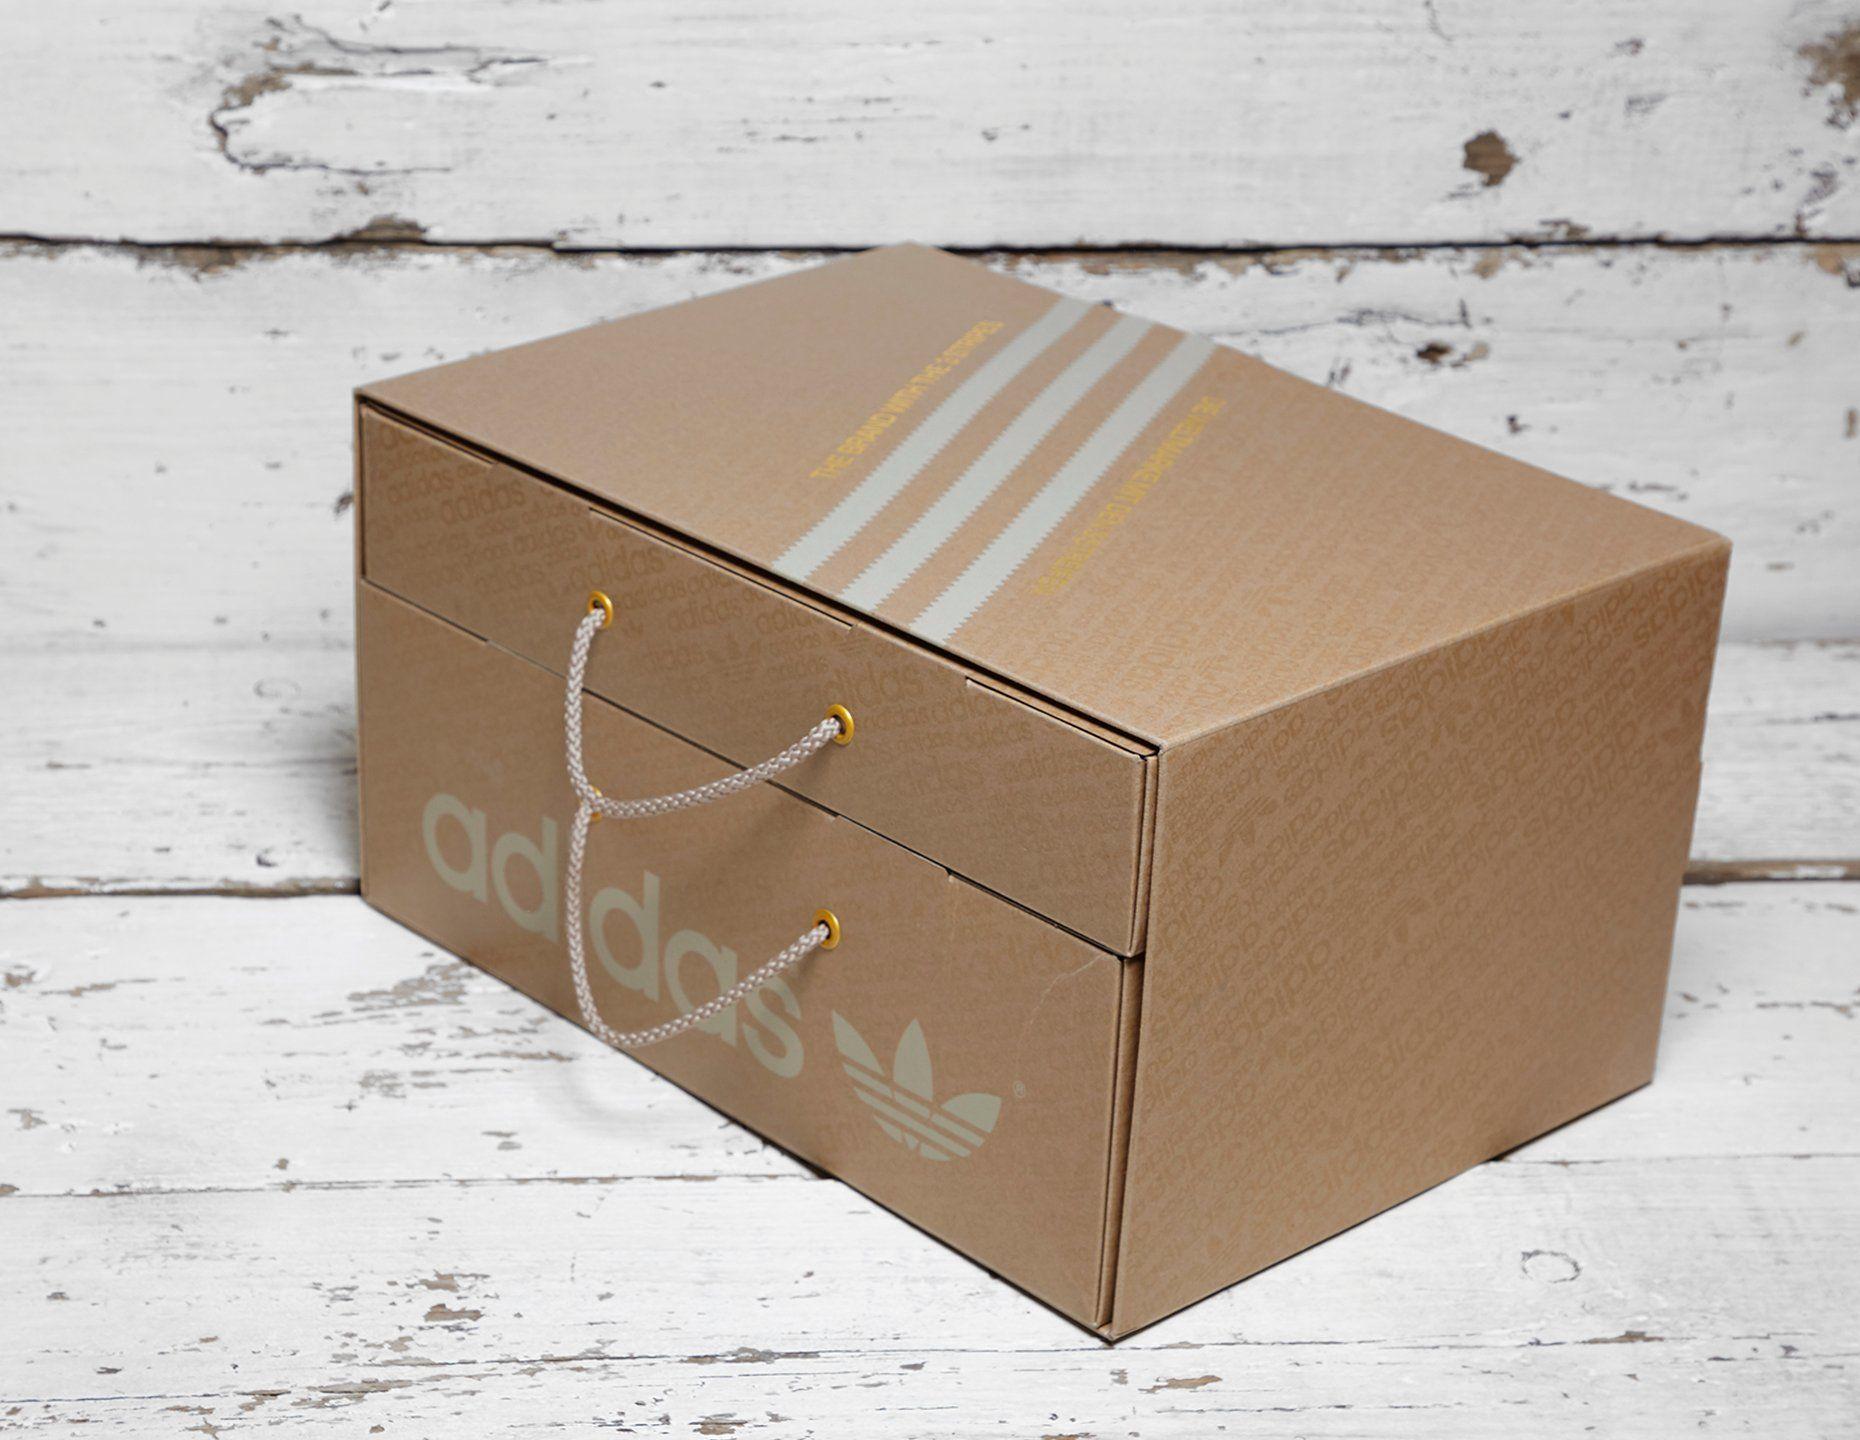 adidas GAZELLE CRAFTED